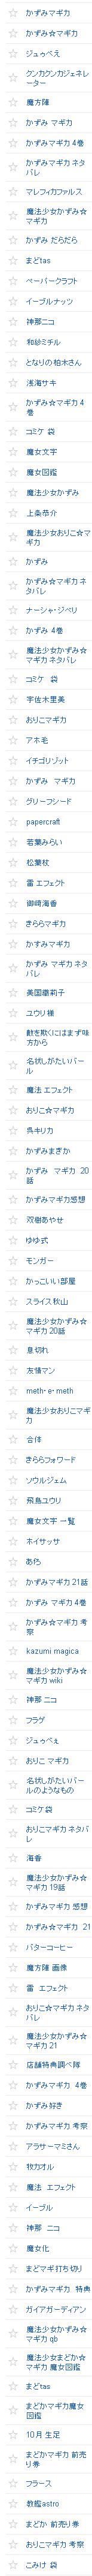 2012/10/02の検索クエリ一覧(ウェブマスターツール)の上位